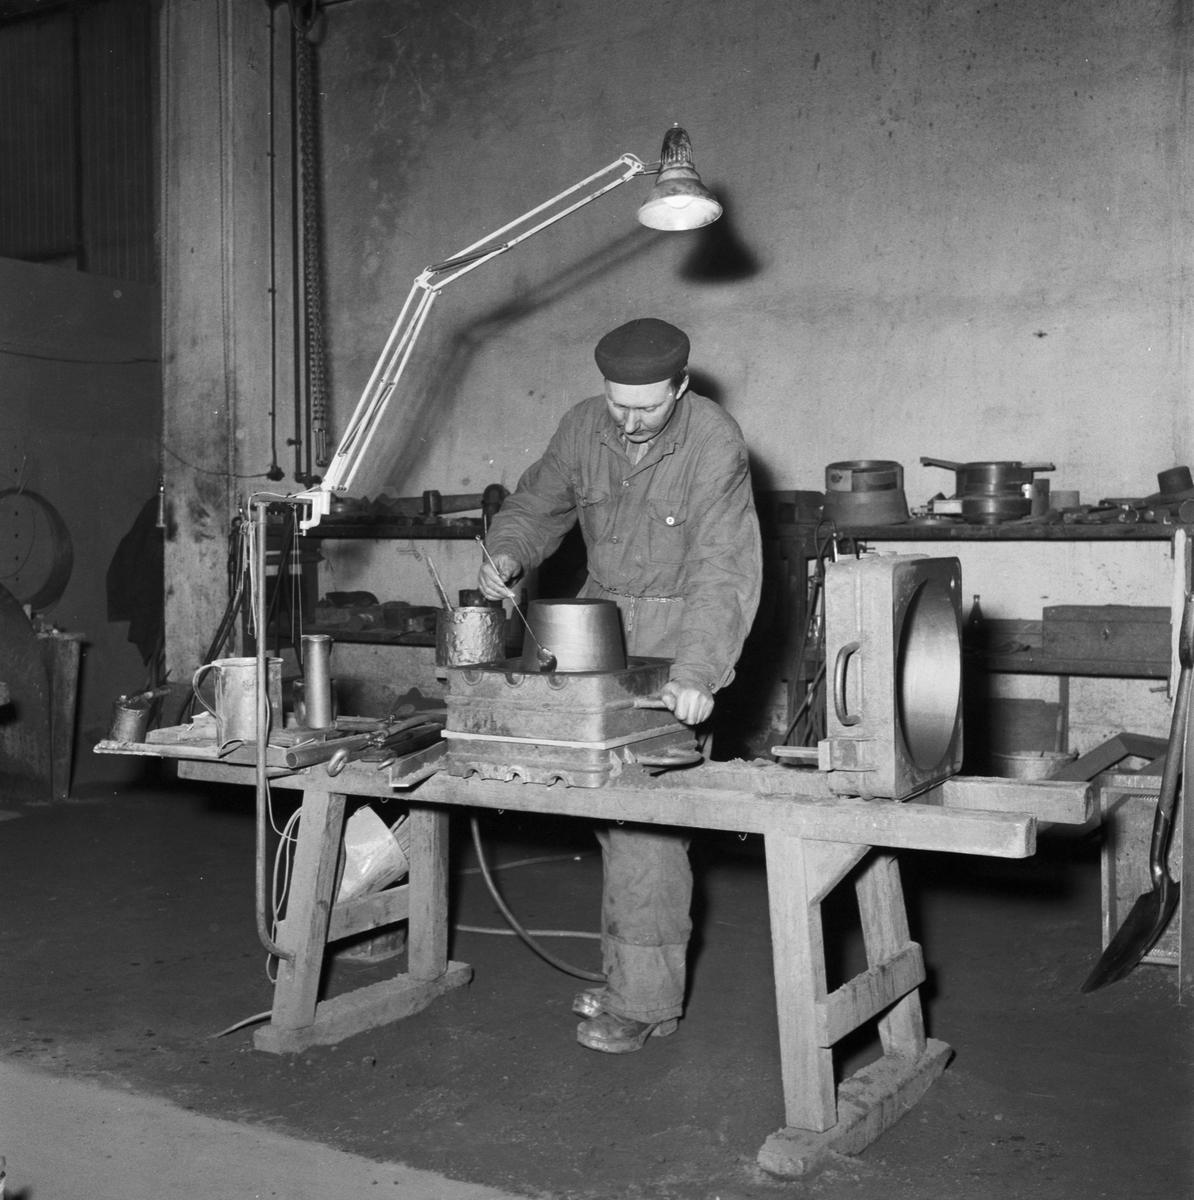 Övrigt: Foto datum: 20/1 1958 Byggnader och kranar Gjuteriet pågående arbete interiör